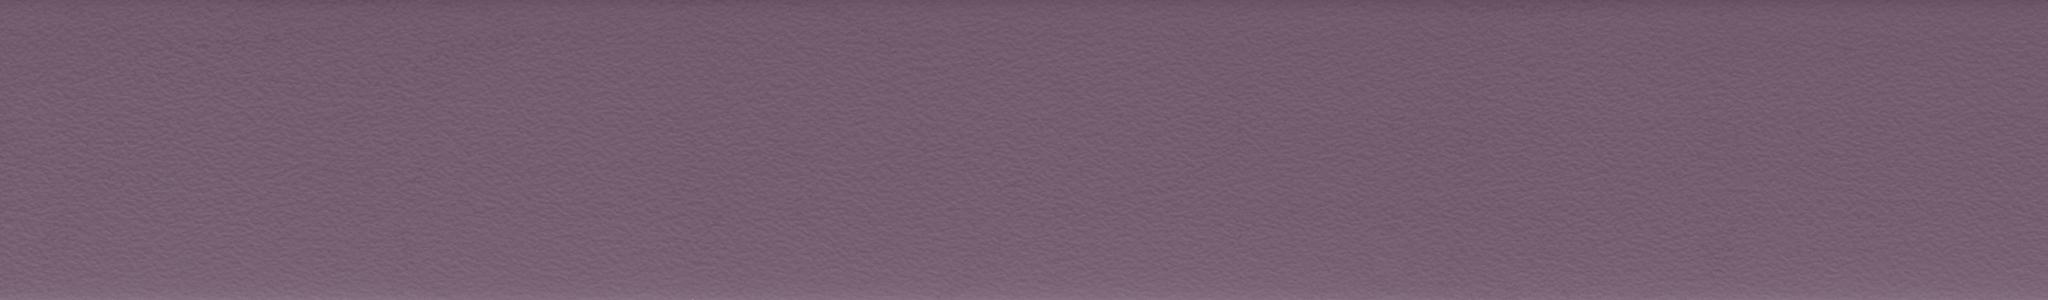 HU 15330 ABS hrana fialová tmavá perla XG